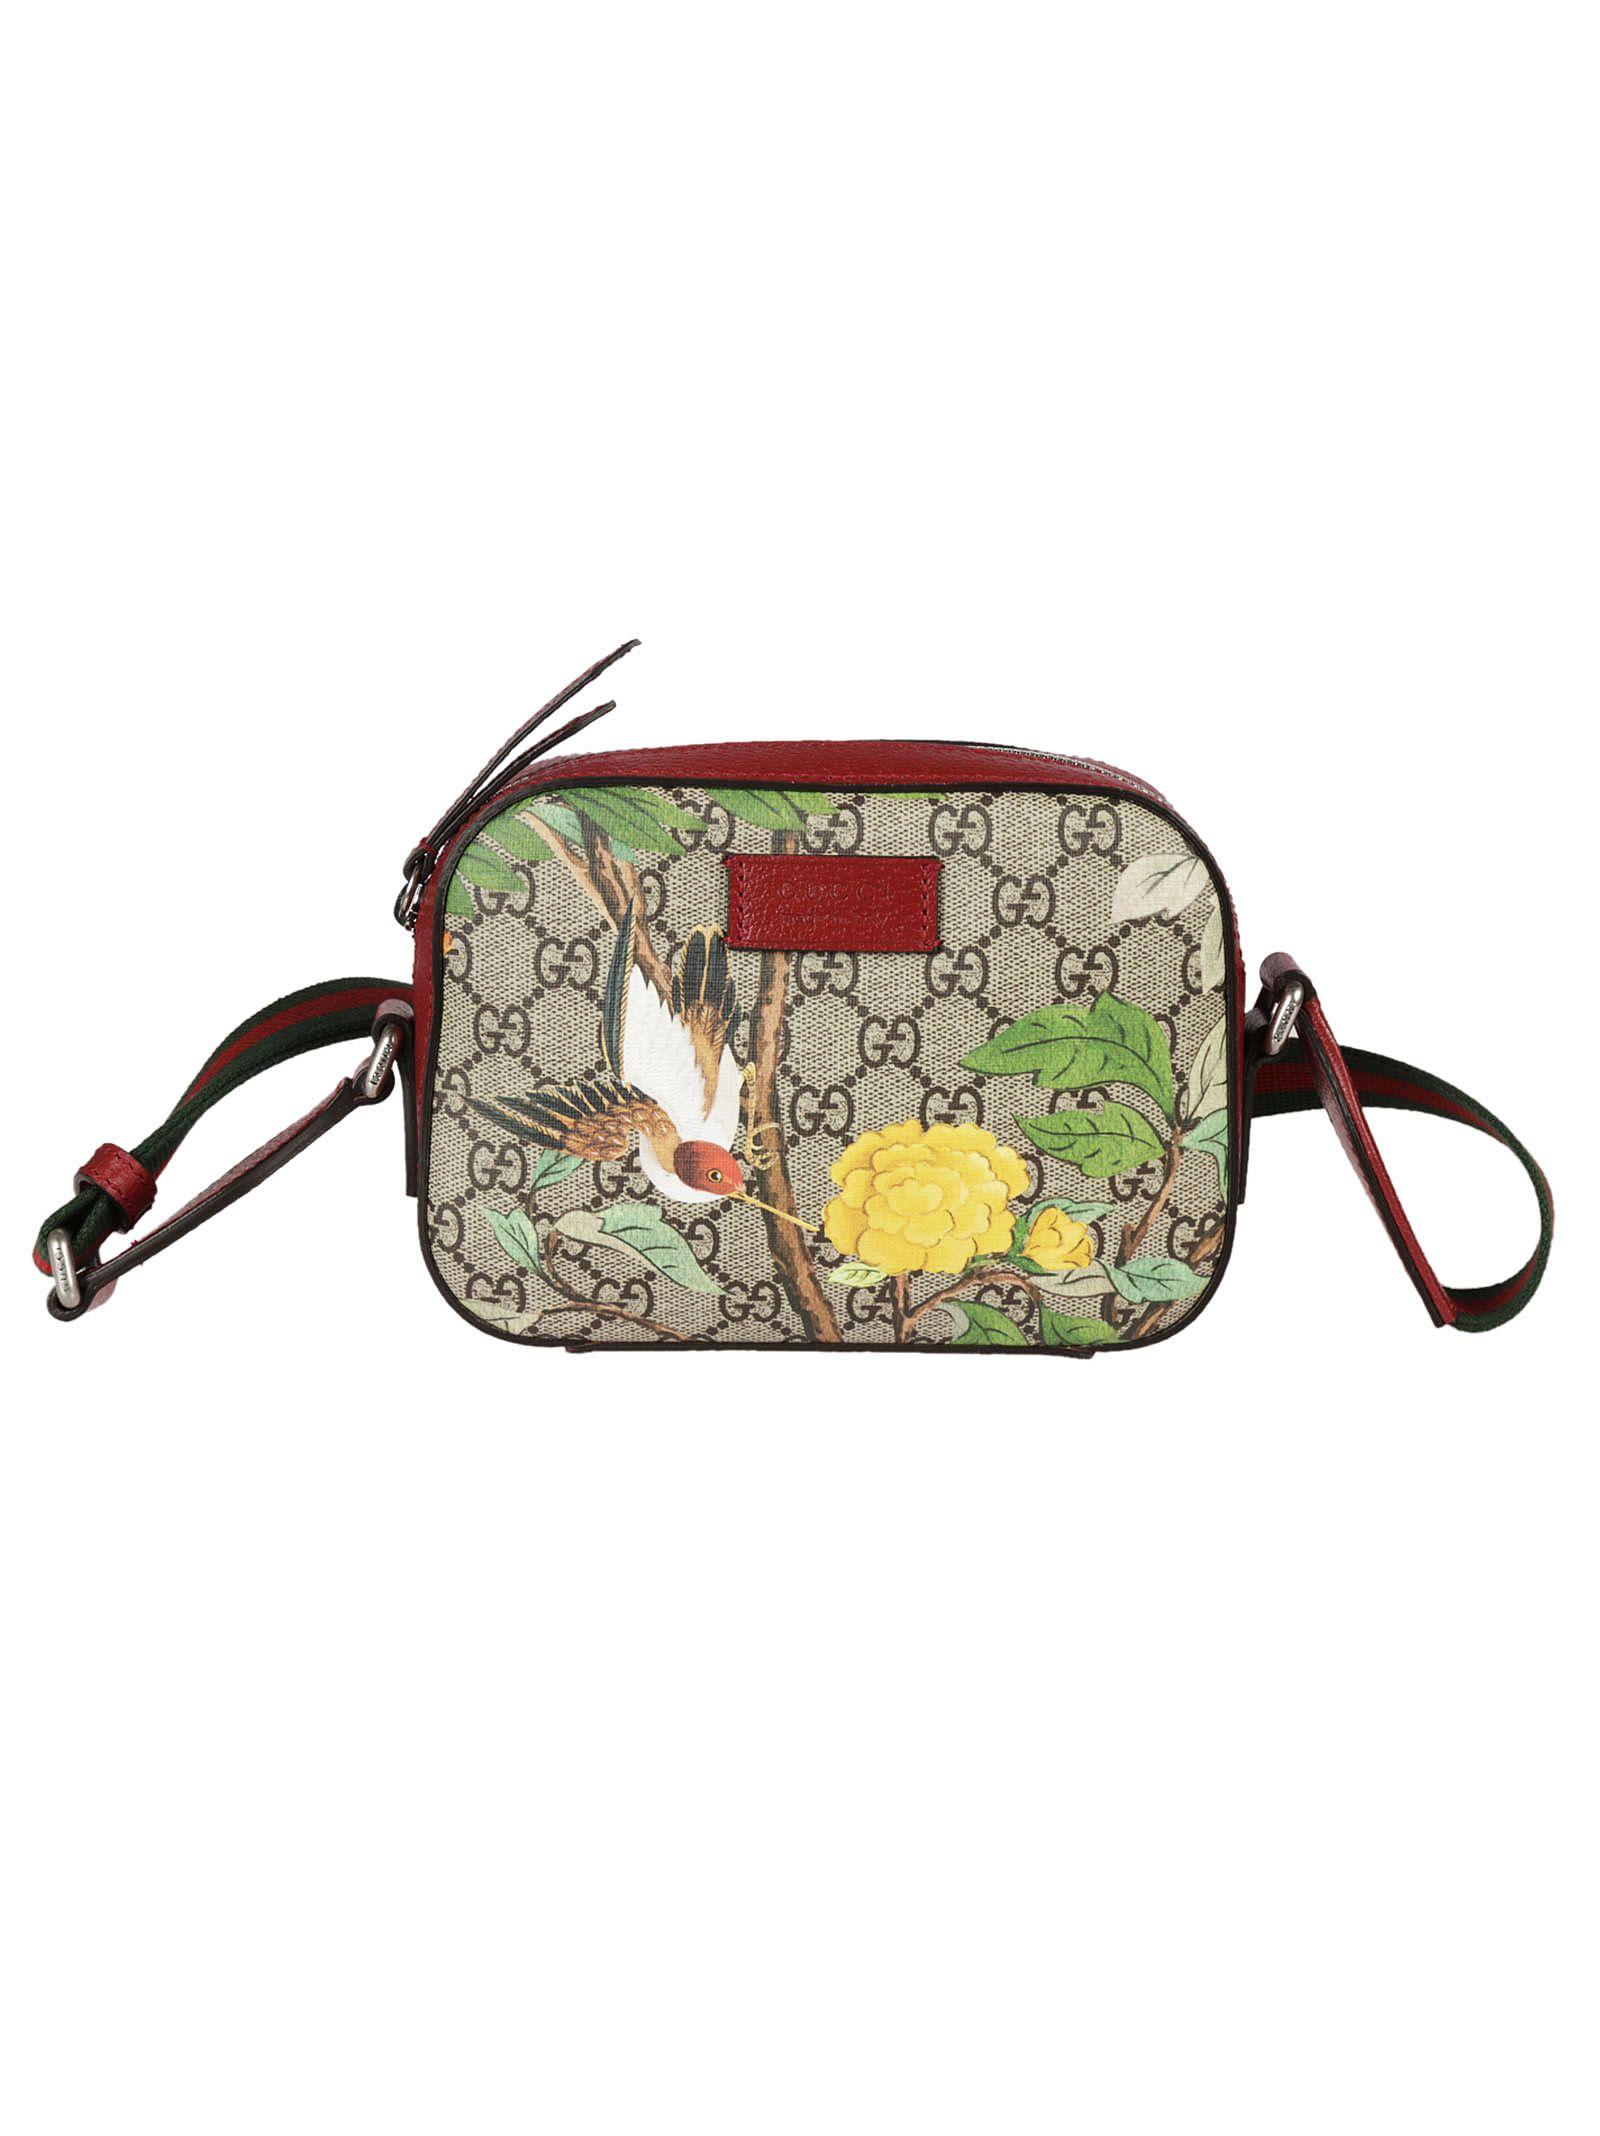 97d55c653a8 Gucci Gucci Tian Print GG Supreme Shoulder Bag - Multicolor ...